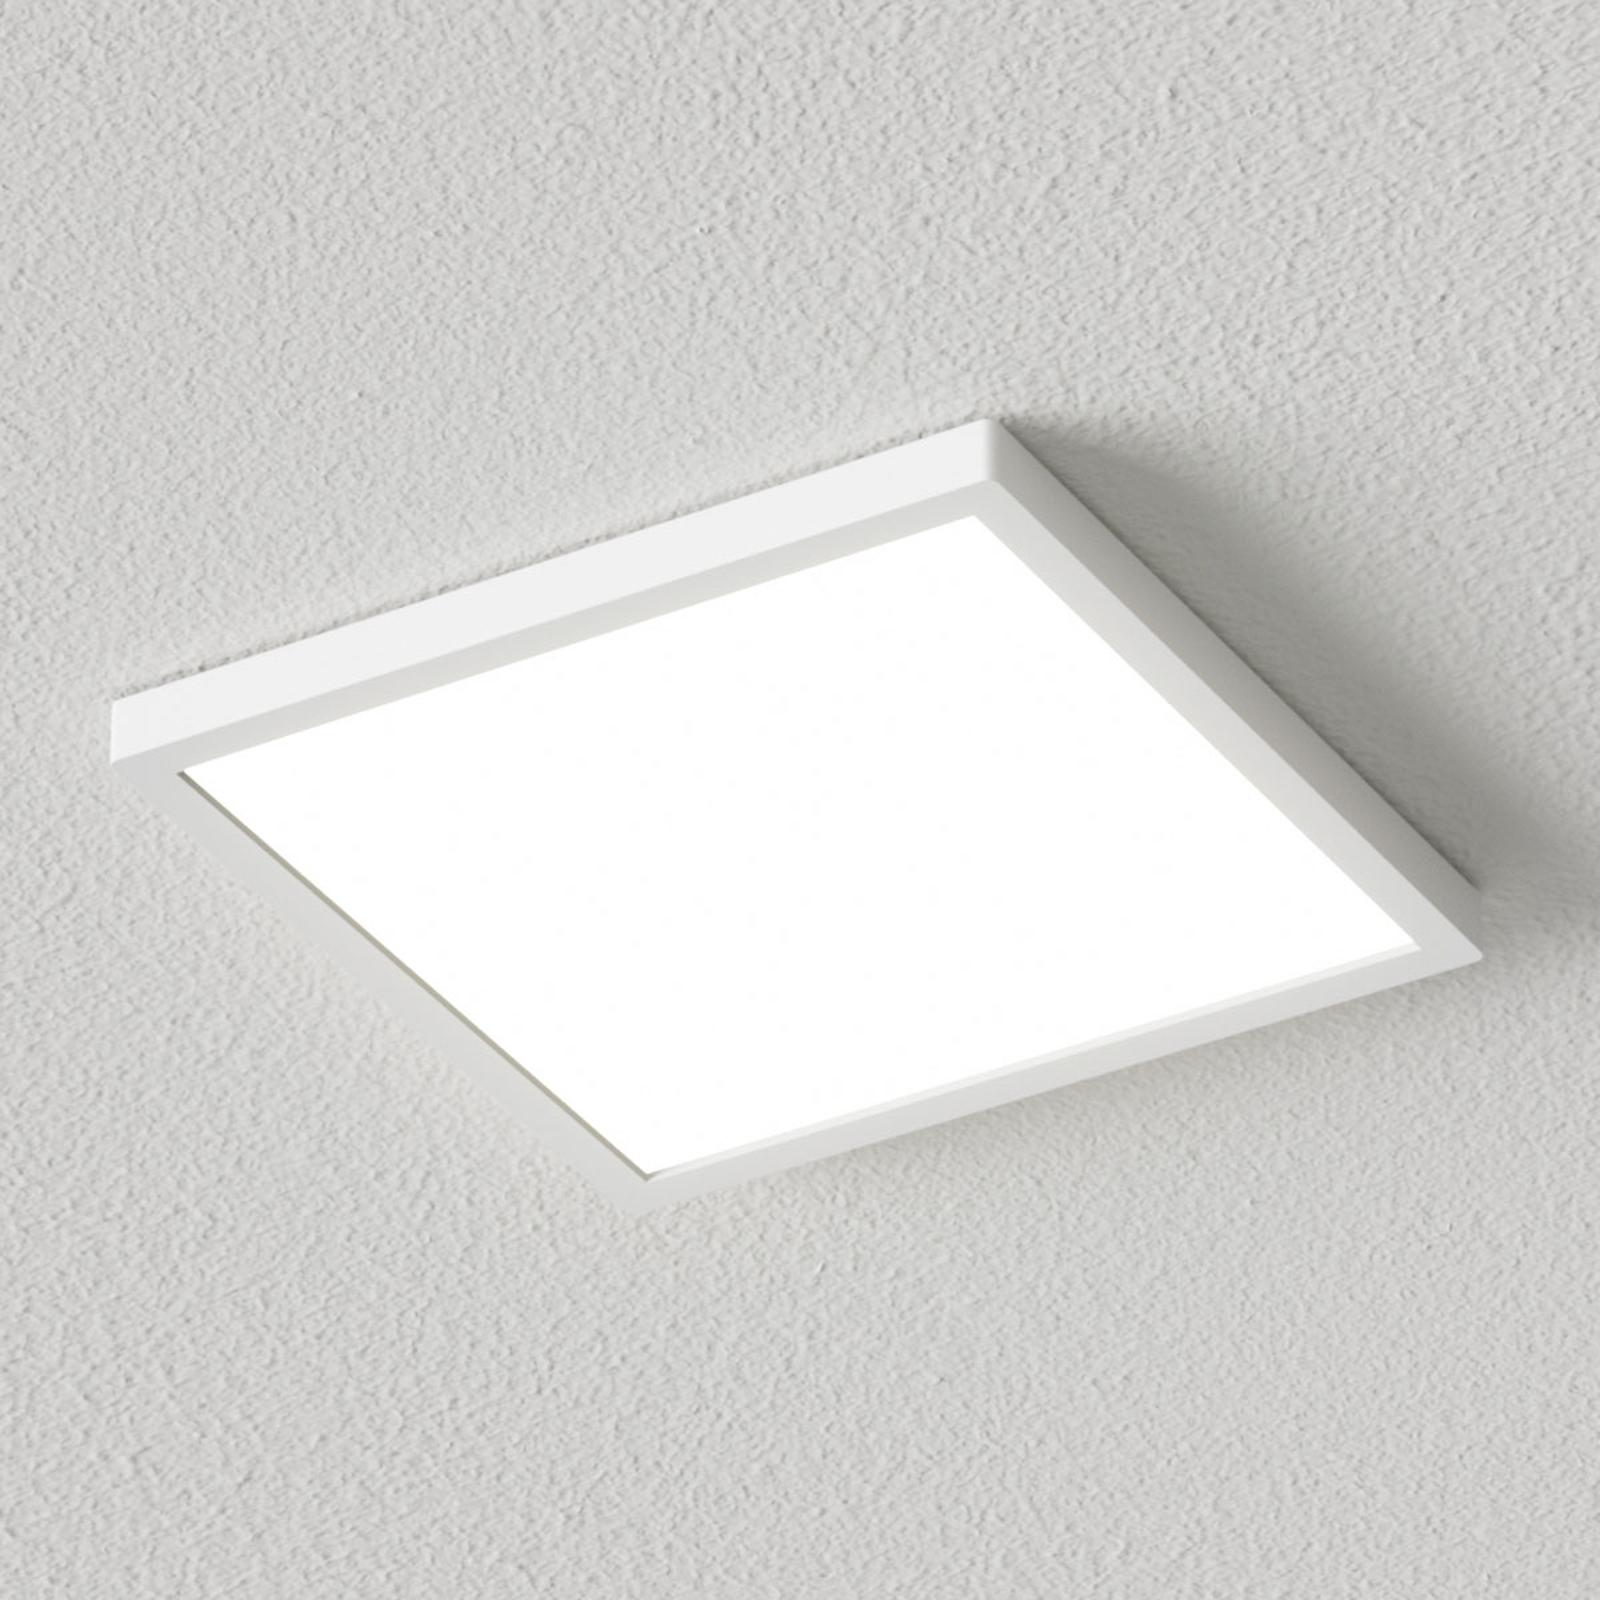 Witte, vierkante LED plafondlamp Solvie